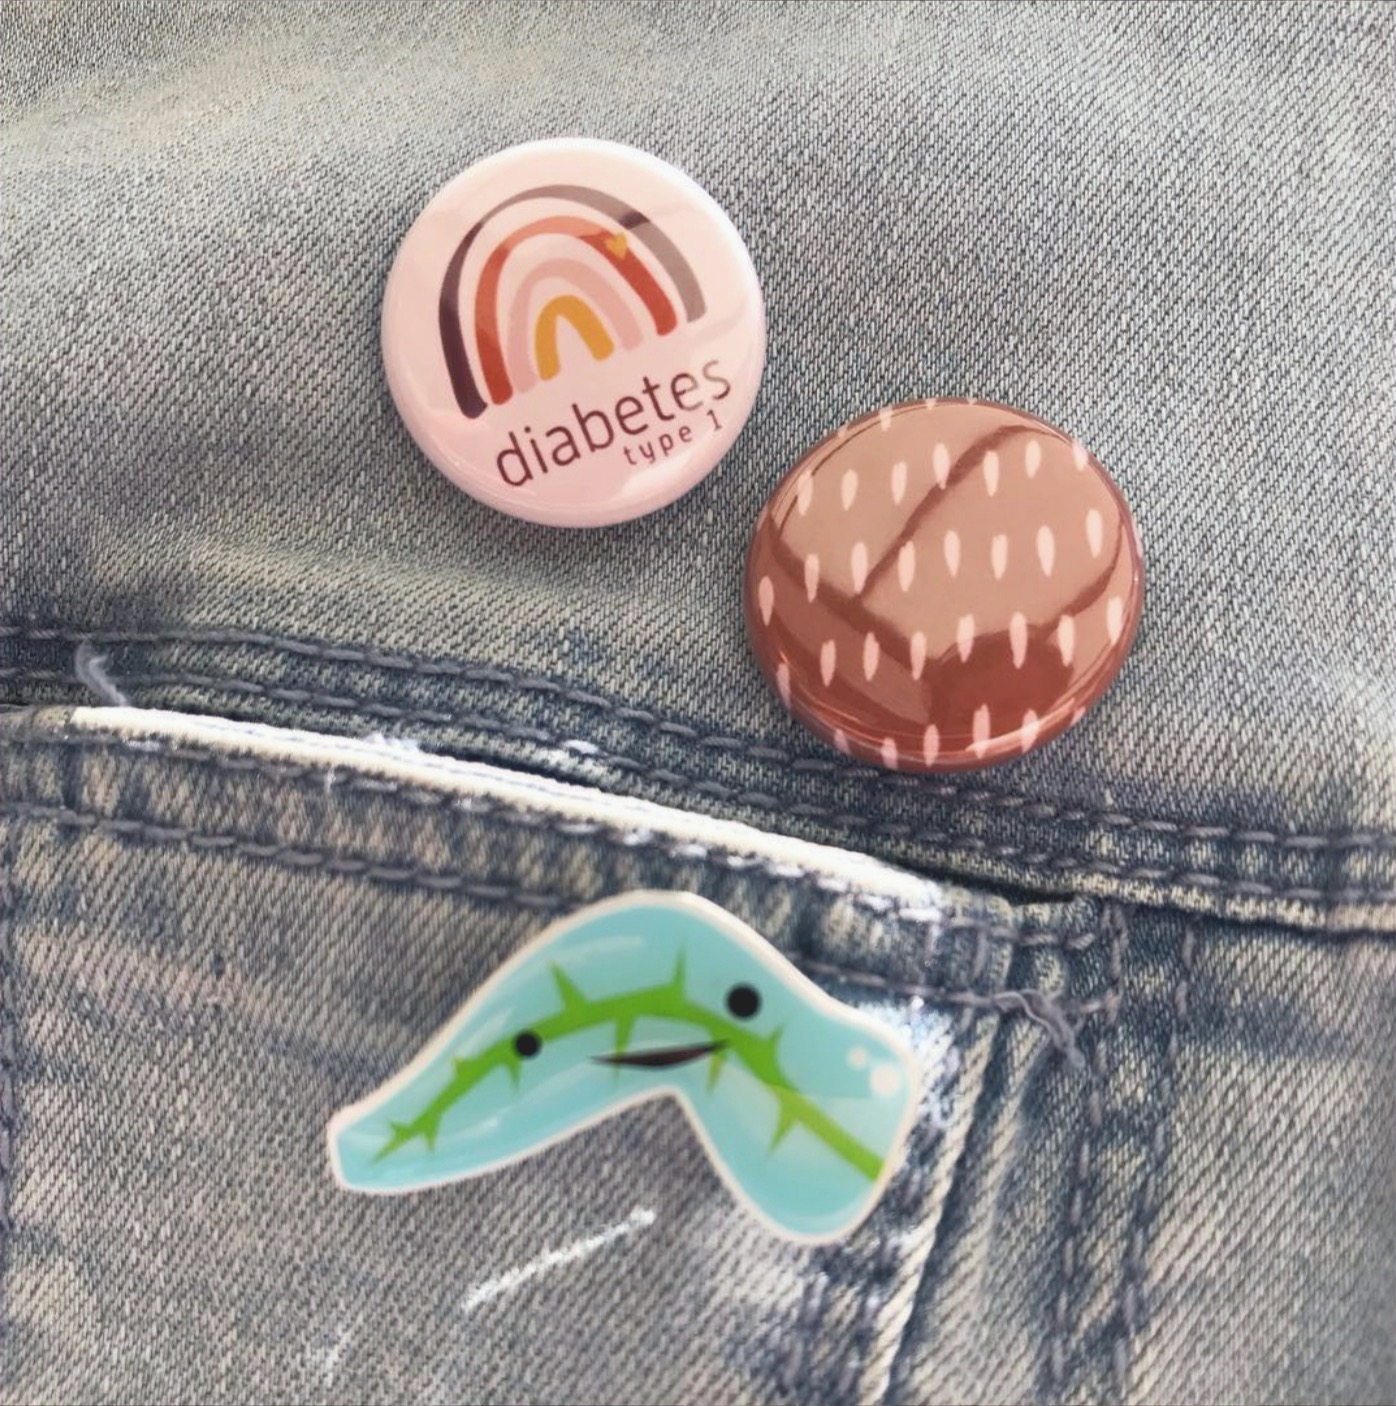 Buttons Diabetes